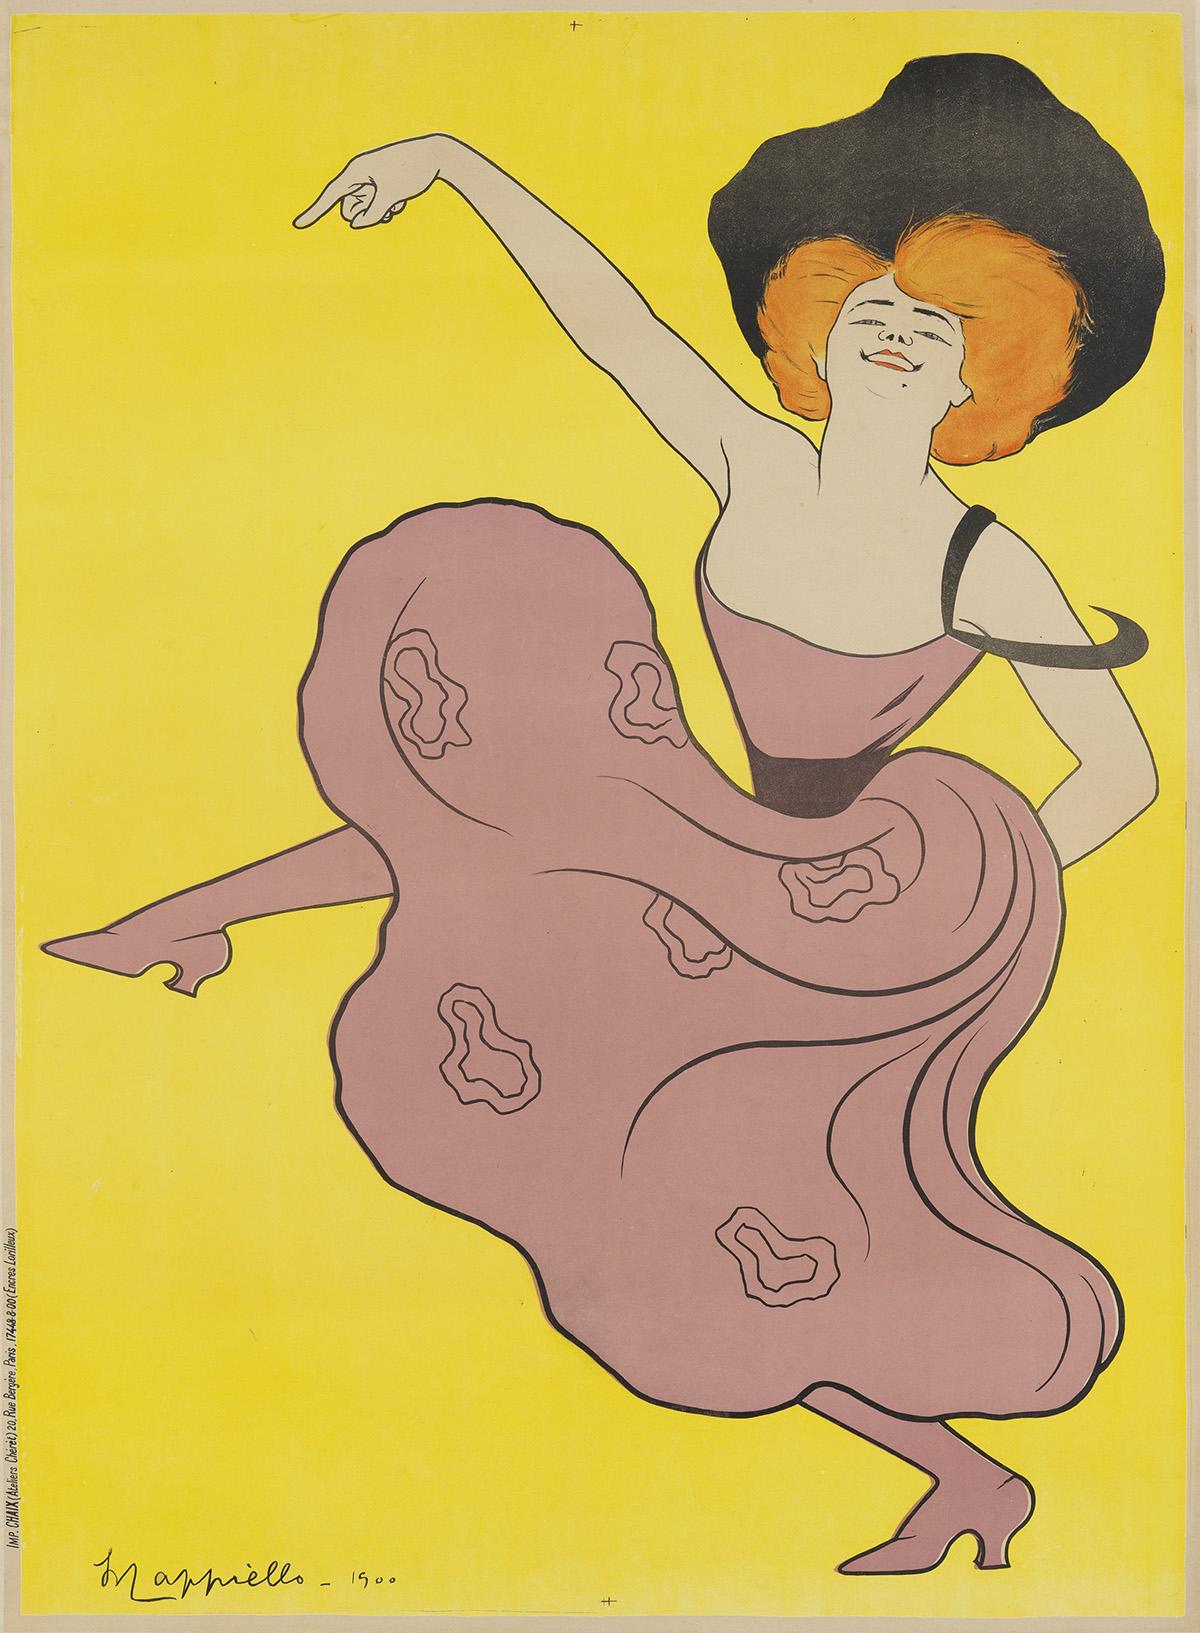 LEONETTO CAPPIELLO (1875-1942). [FOLIES - BERGÈRE / SPECTACLE VARIÉ.] 1900. 48x35 inches, 123x89 cm. Chaix, Paris.